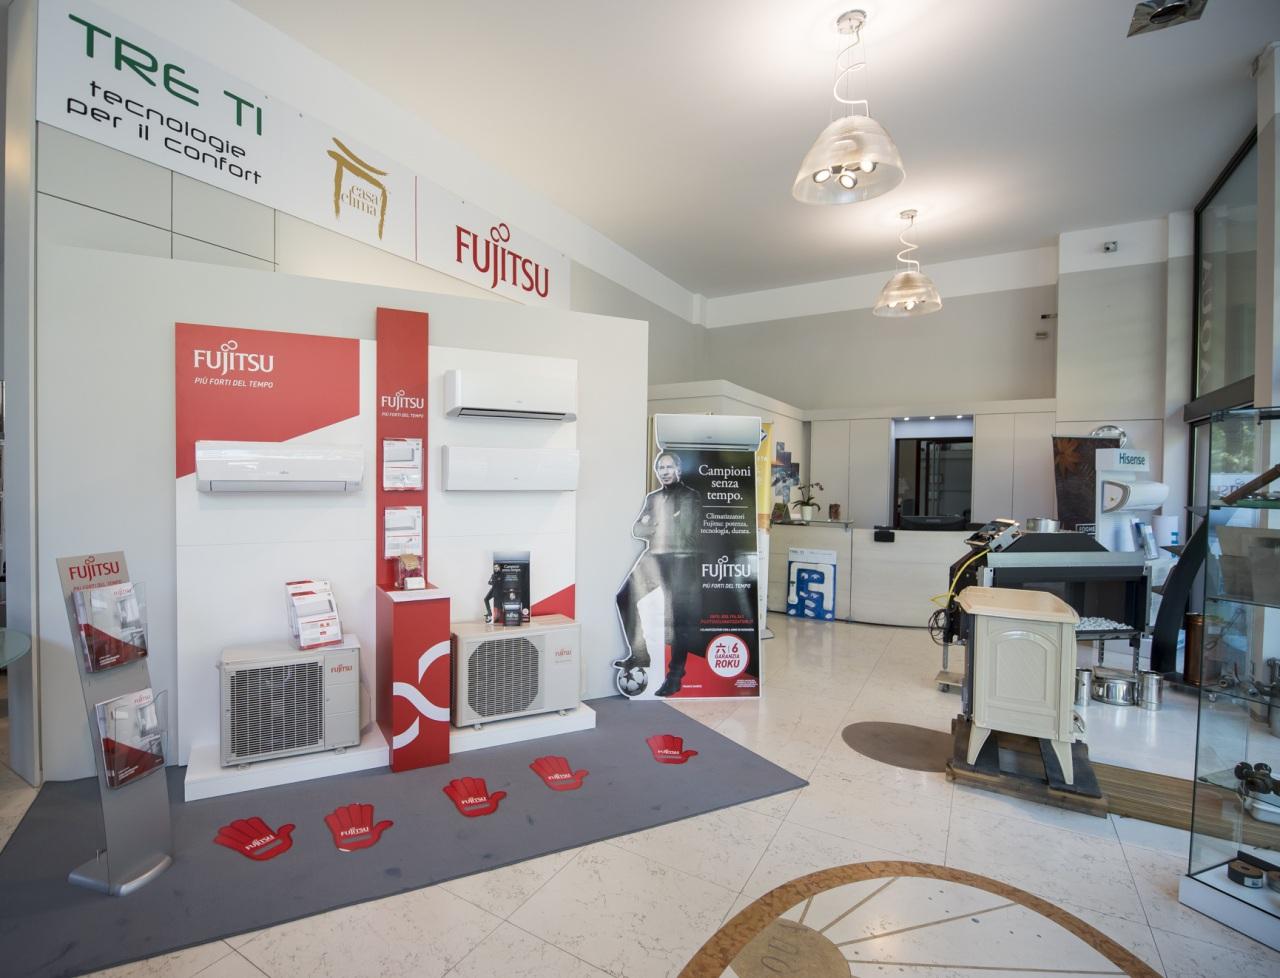 In Lombardia apre il nuovo CasaClima di Fujitsu Climatizzatori: un servizio completo, specializzato e attento a ogni esigenza di climatizzazione